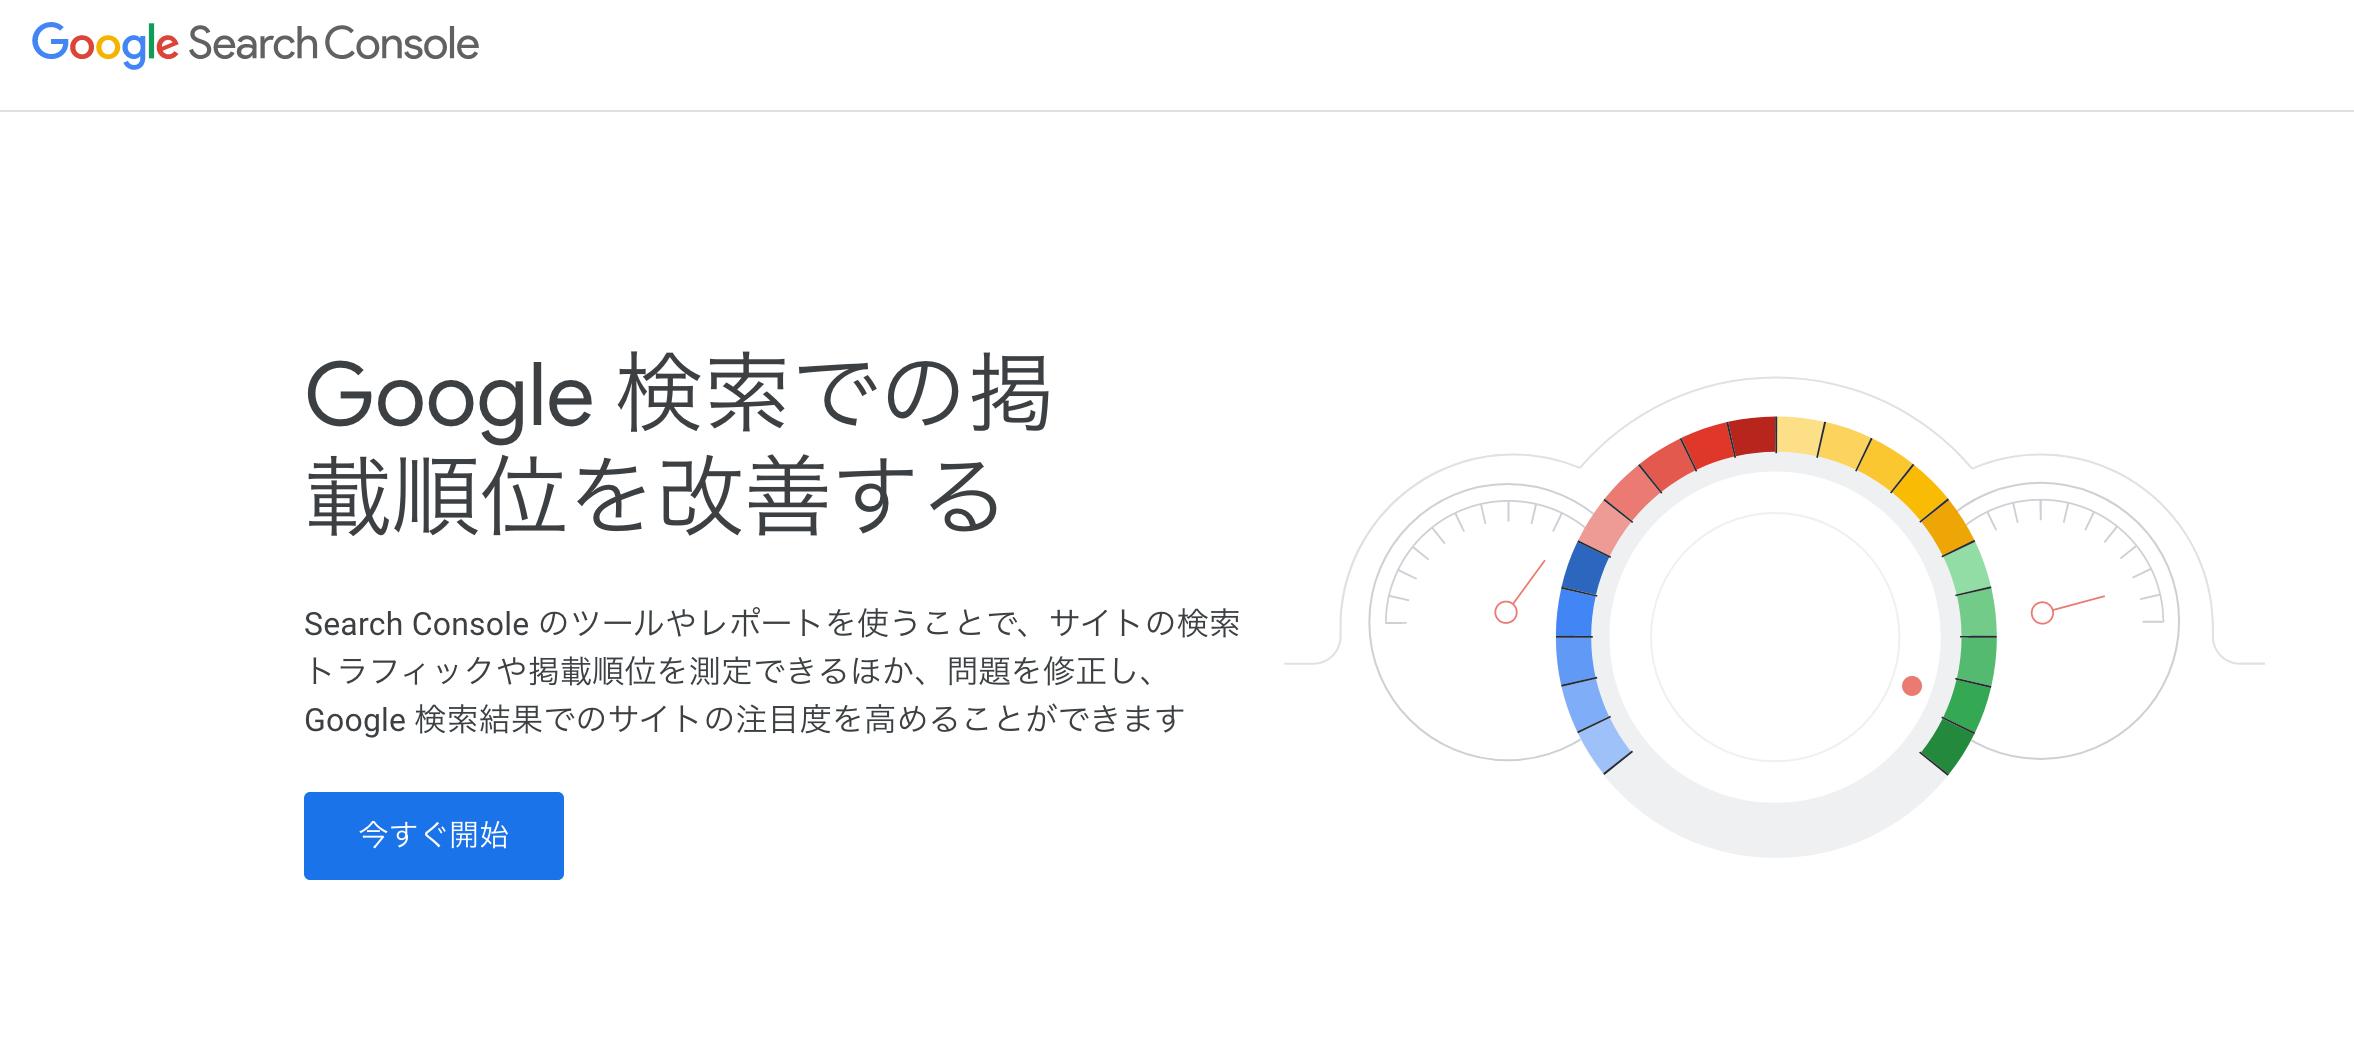 スクリーンショット 2020-05-20 16.47.59